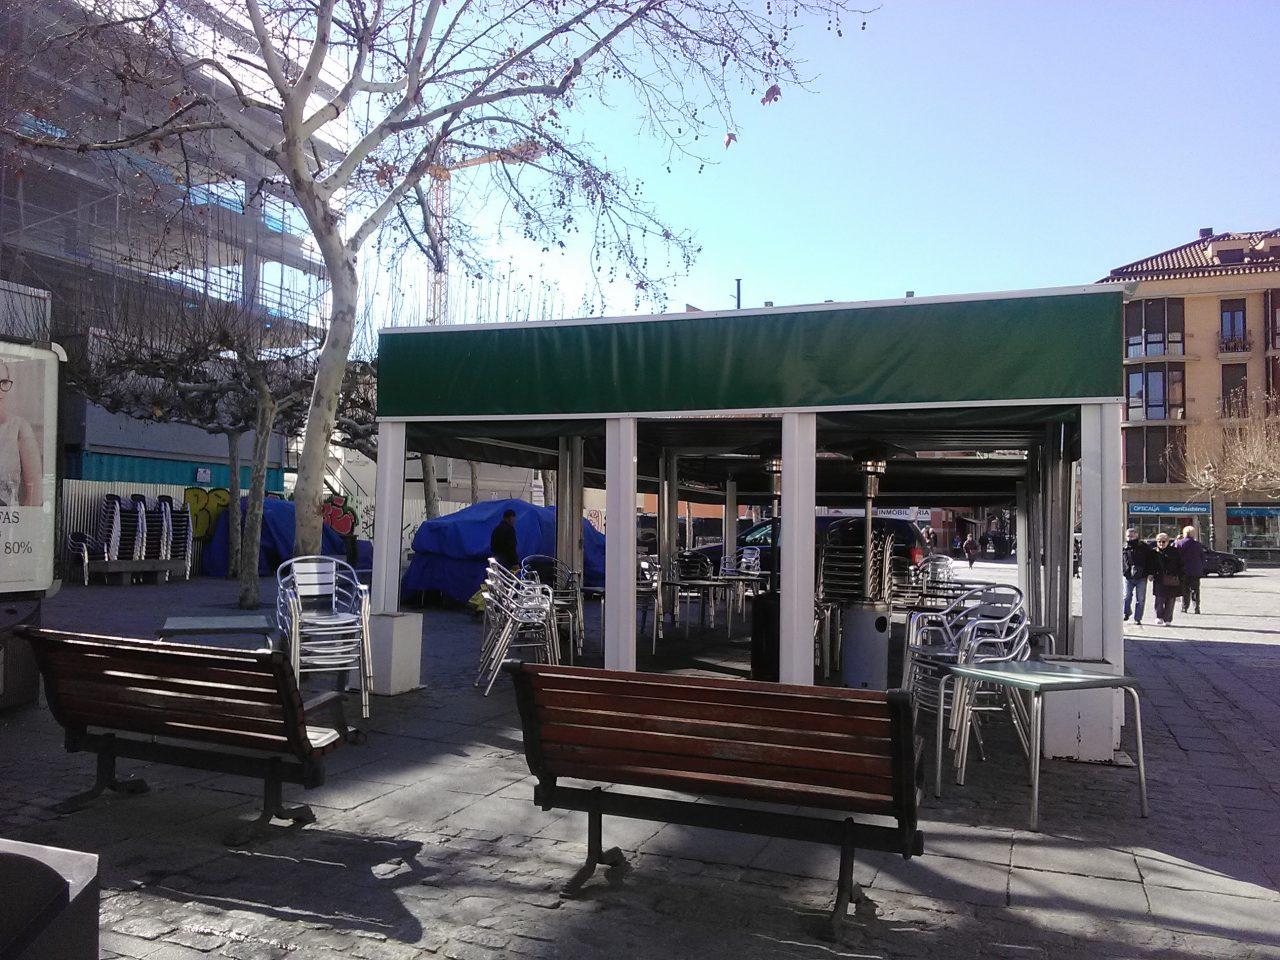 La Federación de AAVV de Leganés denuncia al Defensor del Pueblo las obras en la plaza de la Fuente Honda